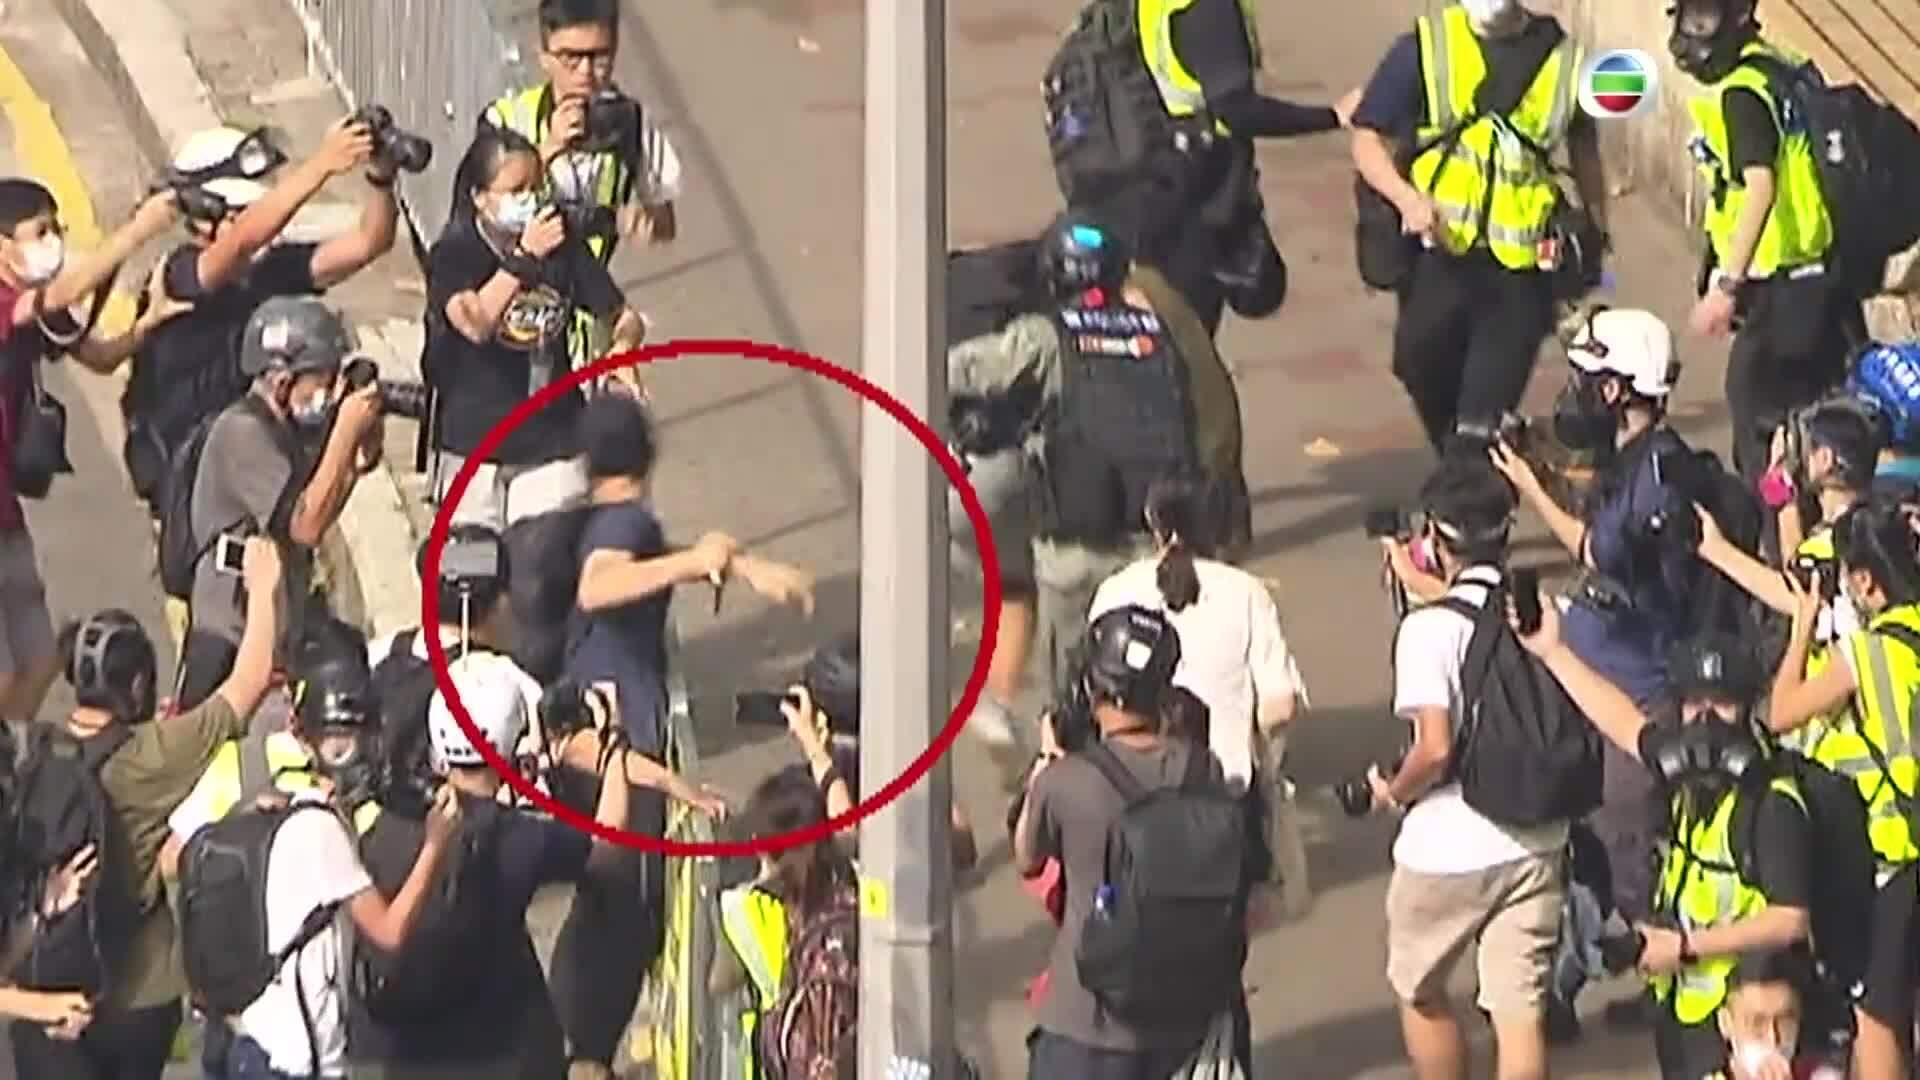 Cảnh sát Hong Kong bắt nghi phạm trên máy bay sắp cất cánh